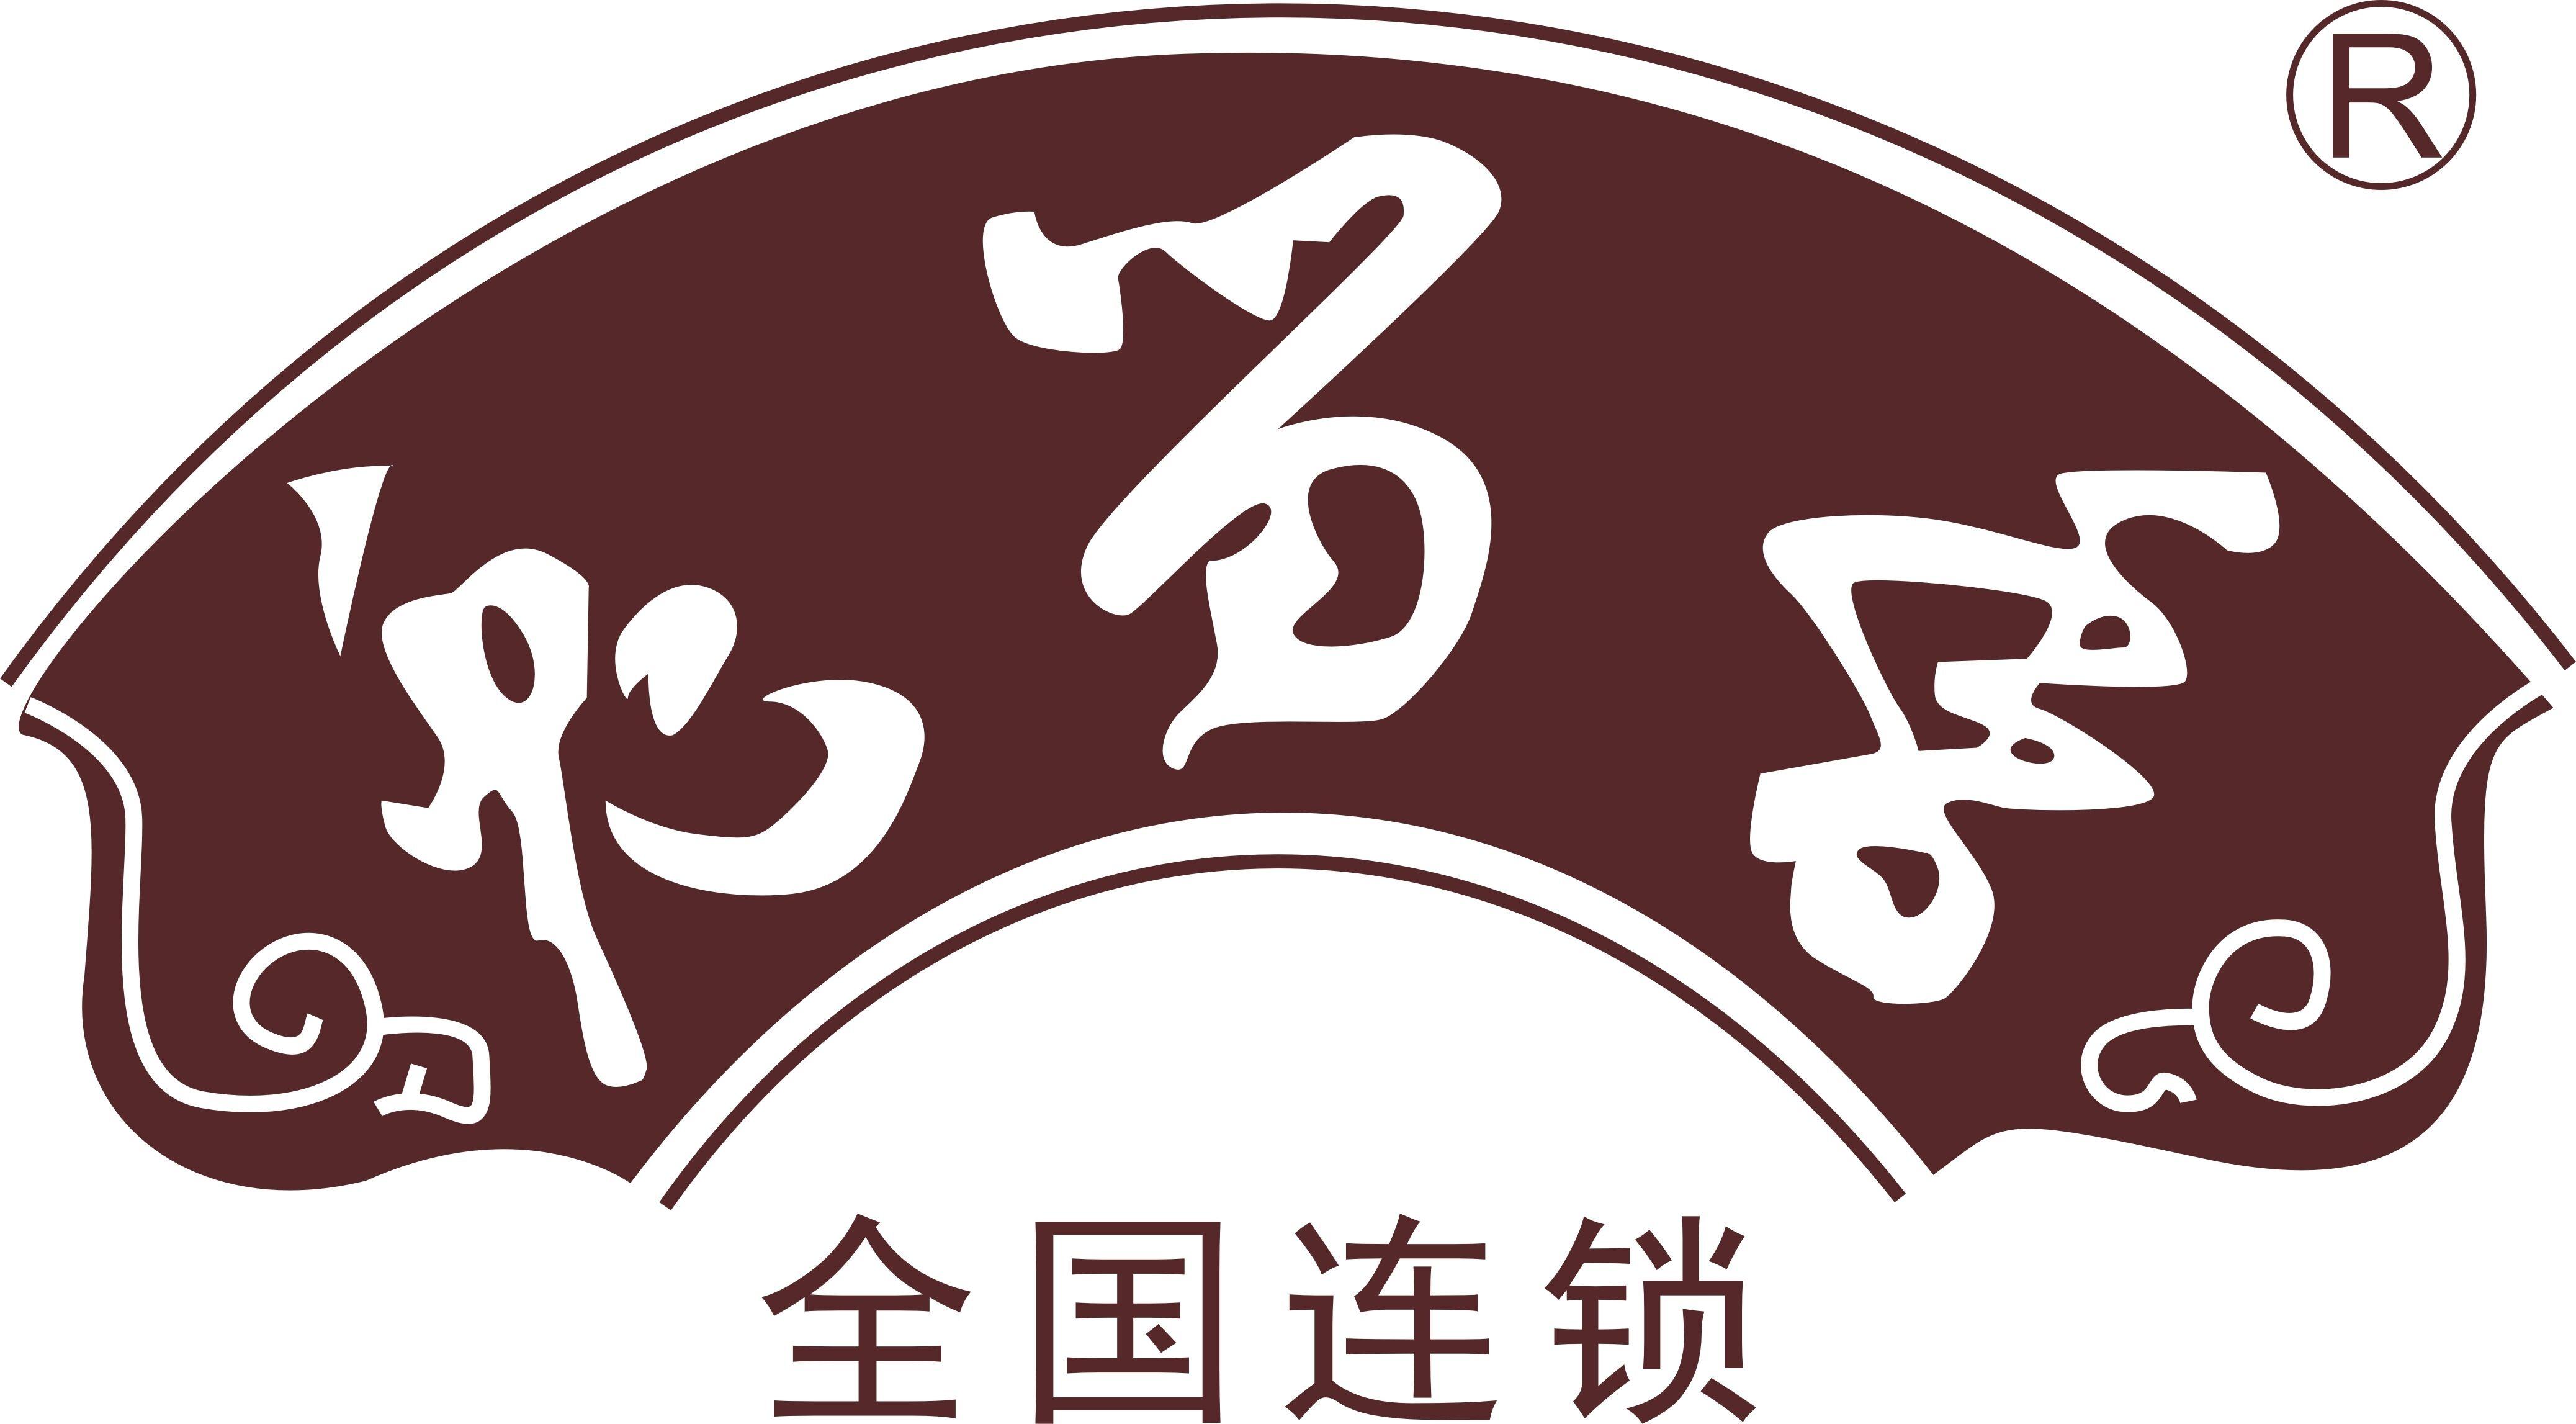 绍兴县柯桥兔留香火锅店